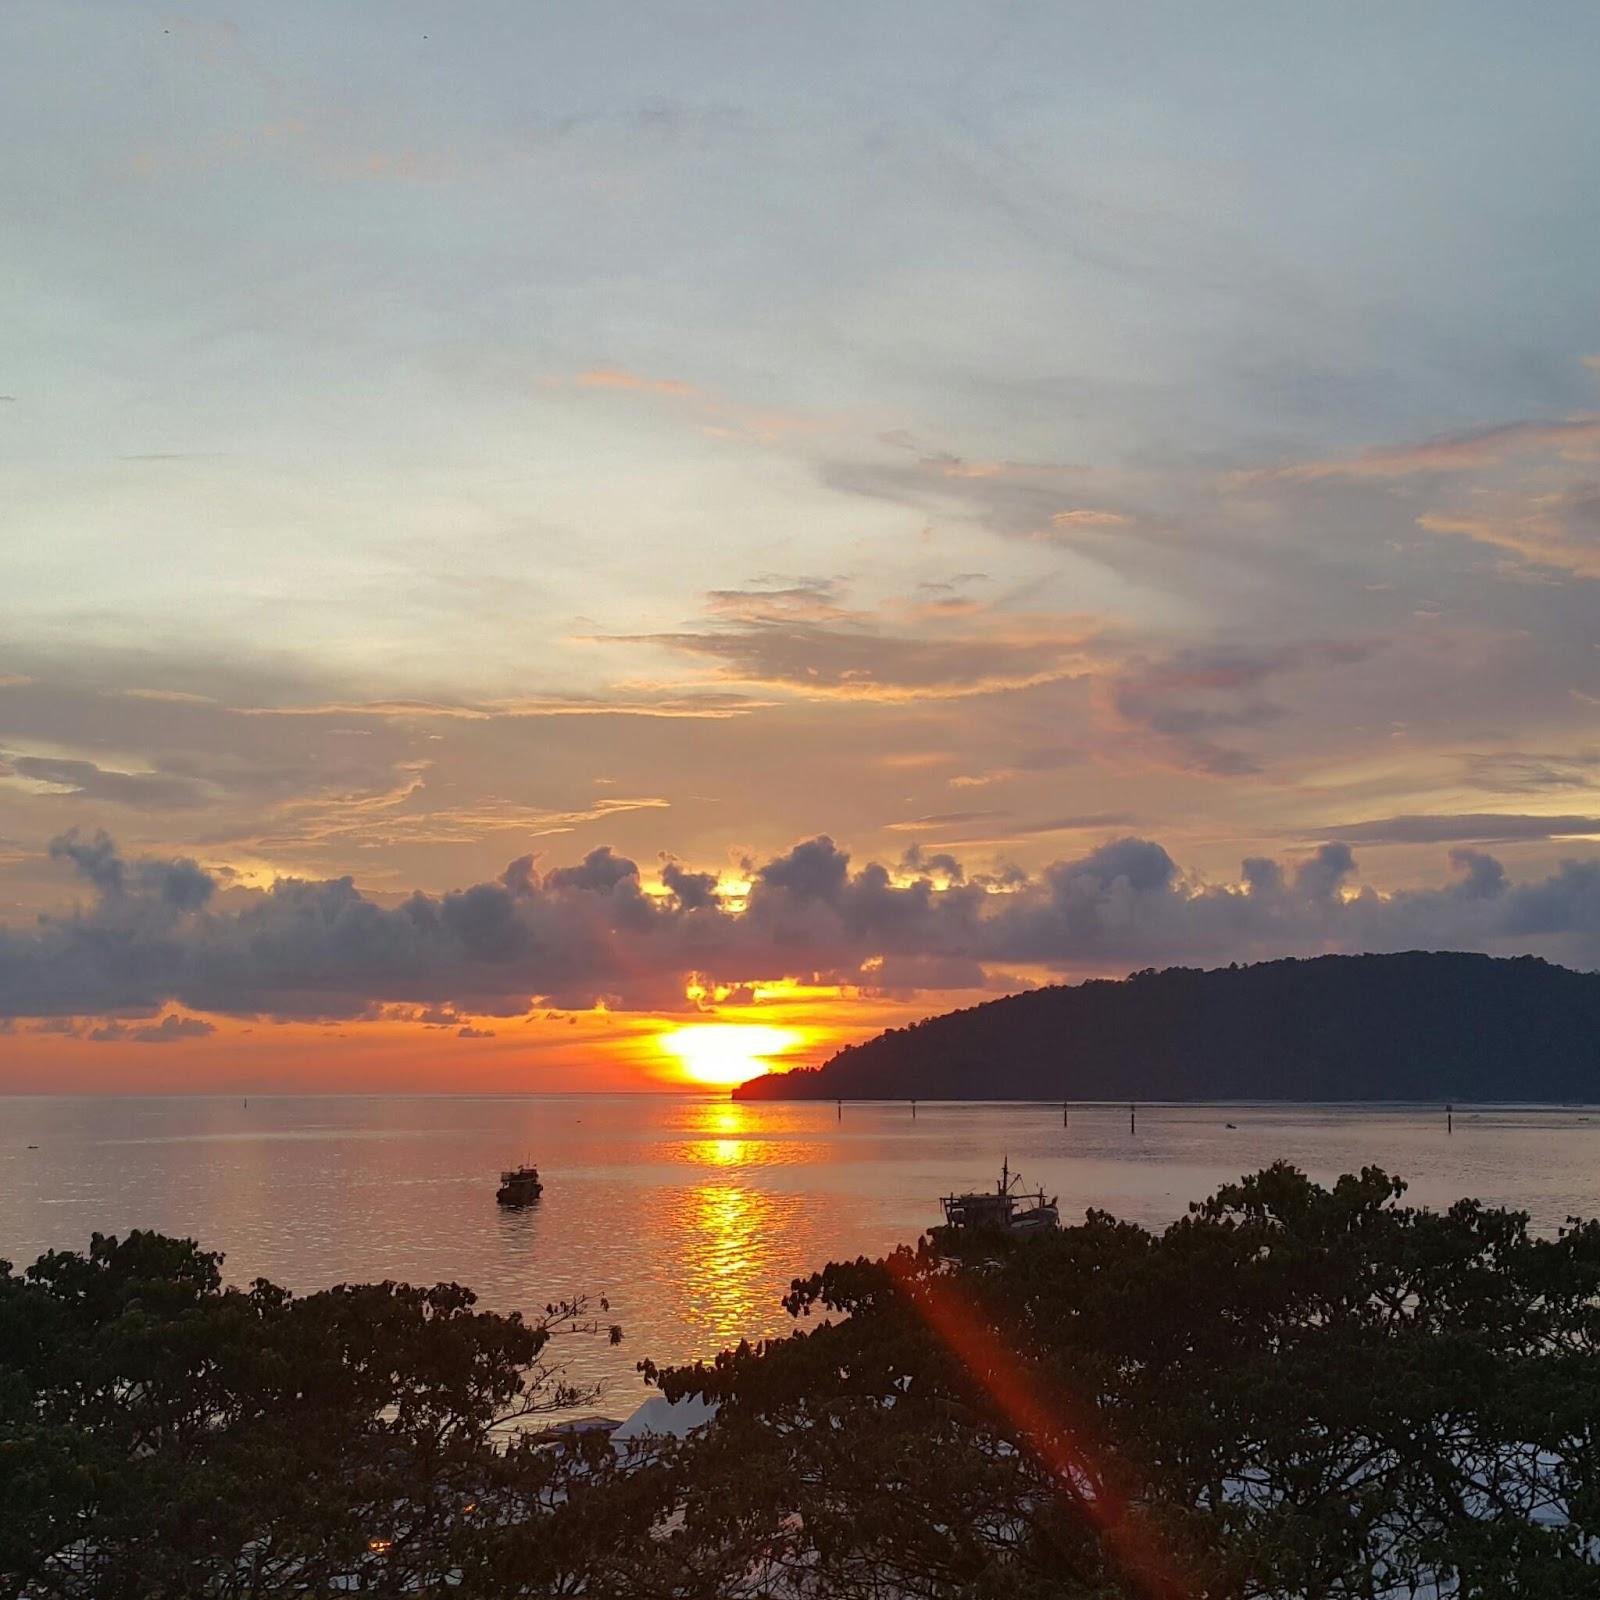 Cerita Yna Gambar Pemandangan  dan Sunset  yang Indah